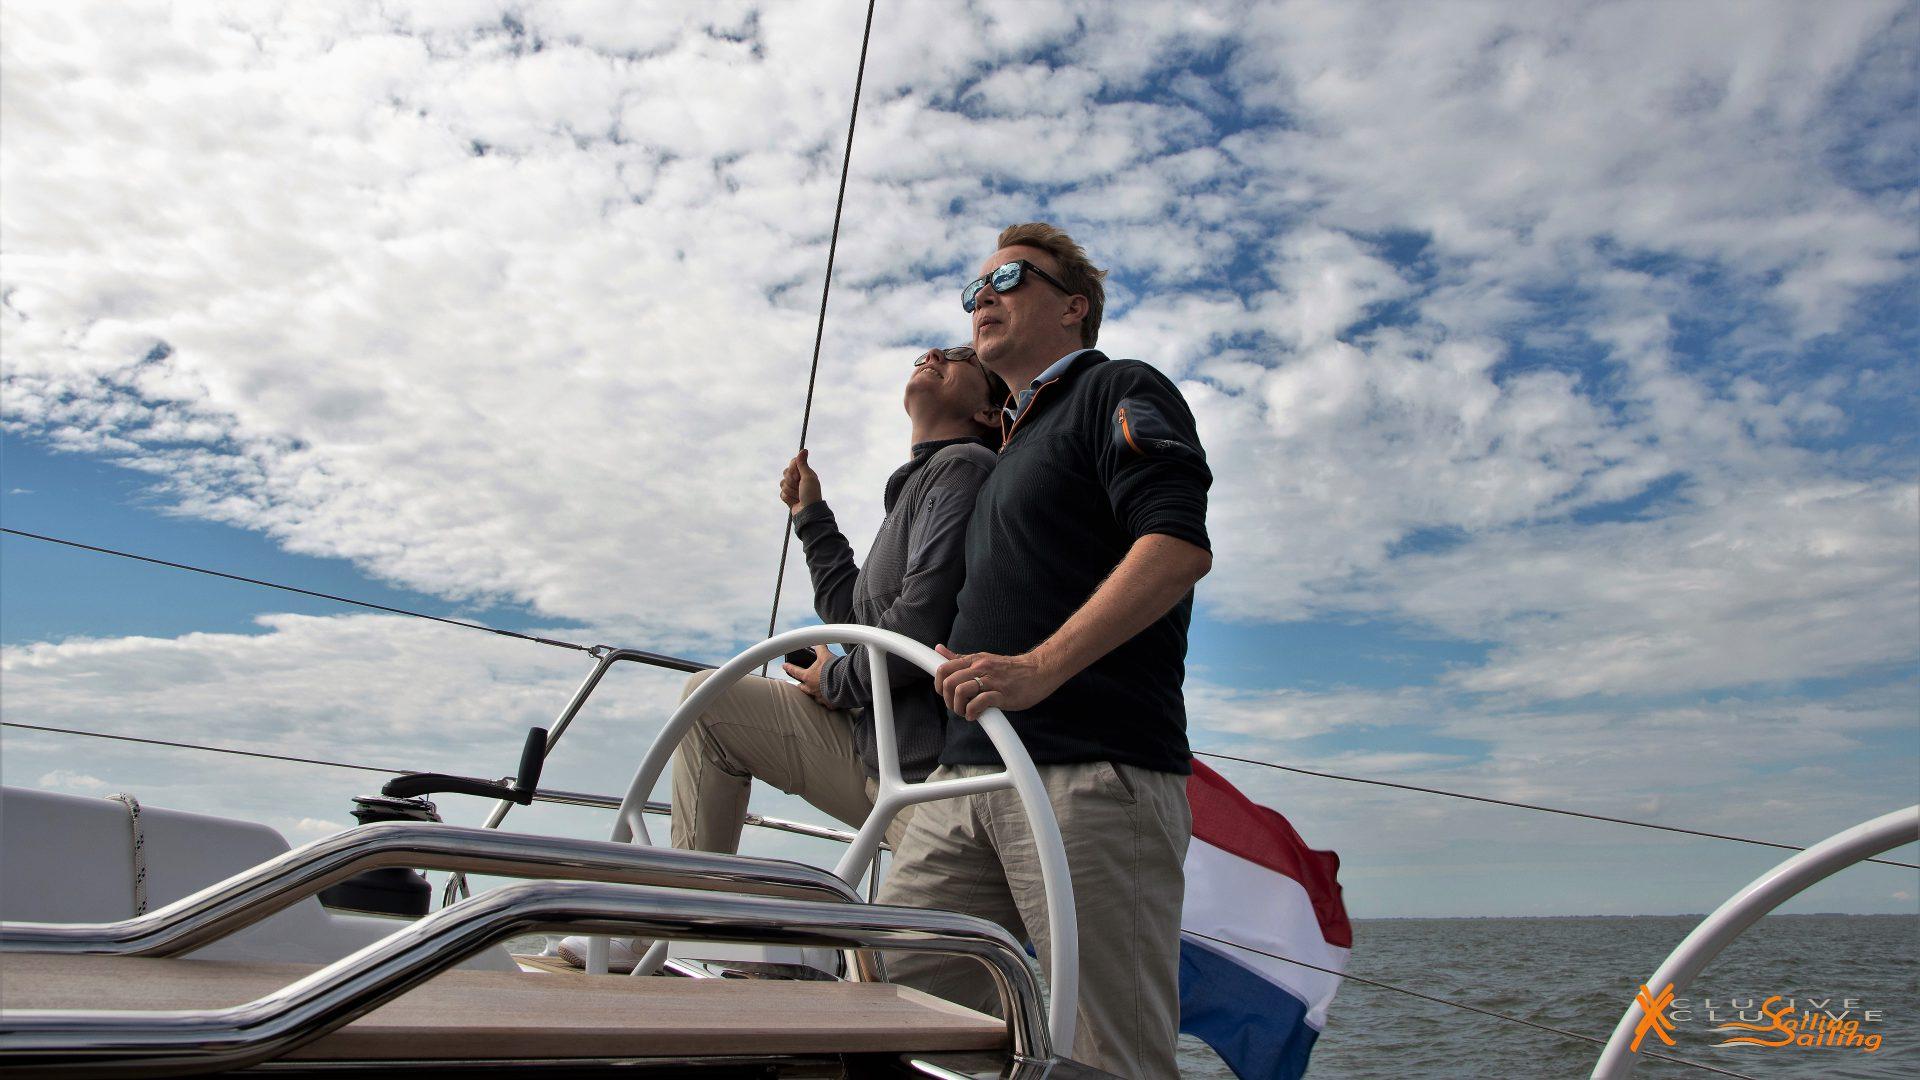 Xclusive Sailing Zelf aan het roer